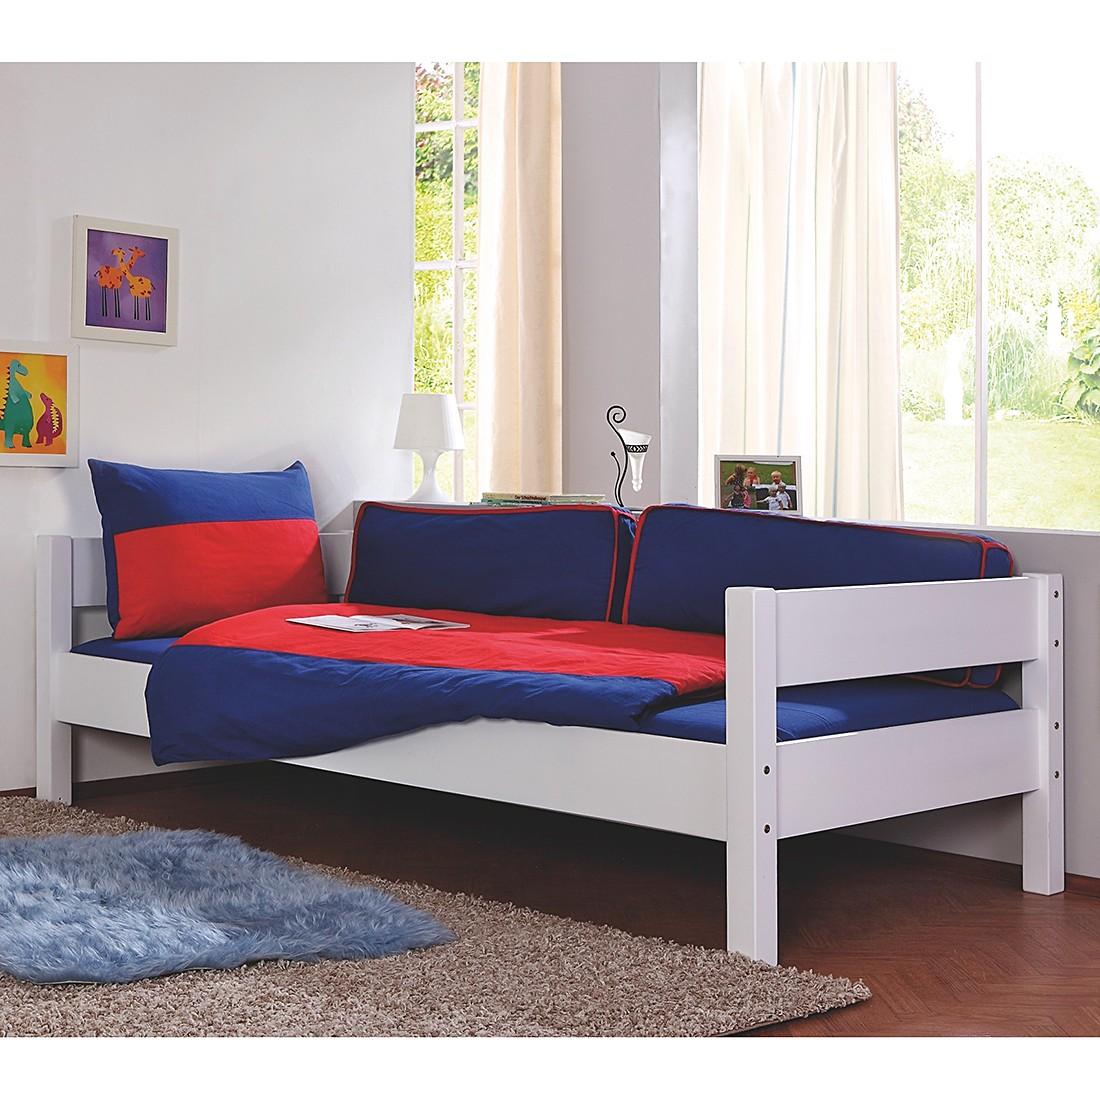 Relita Funktionsbett – für ein modernes Kinderzimmer | Home24 | {Funktionsbett kinderzimmer 56}